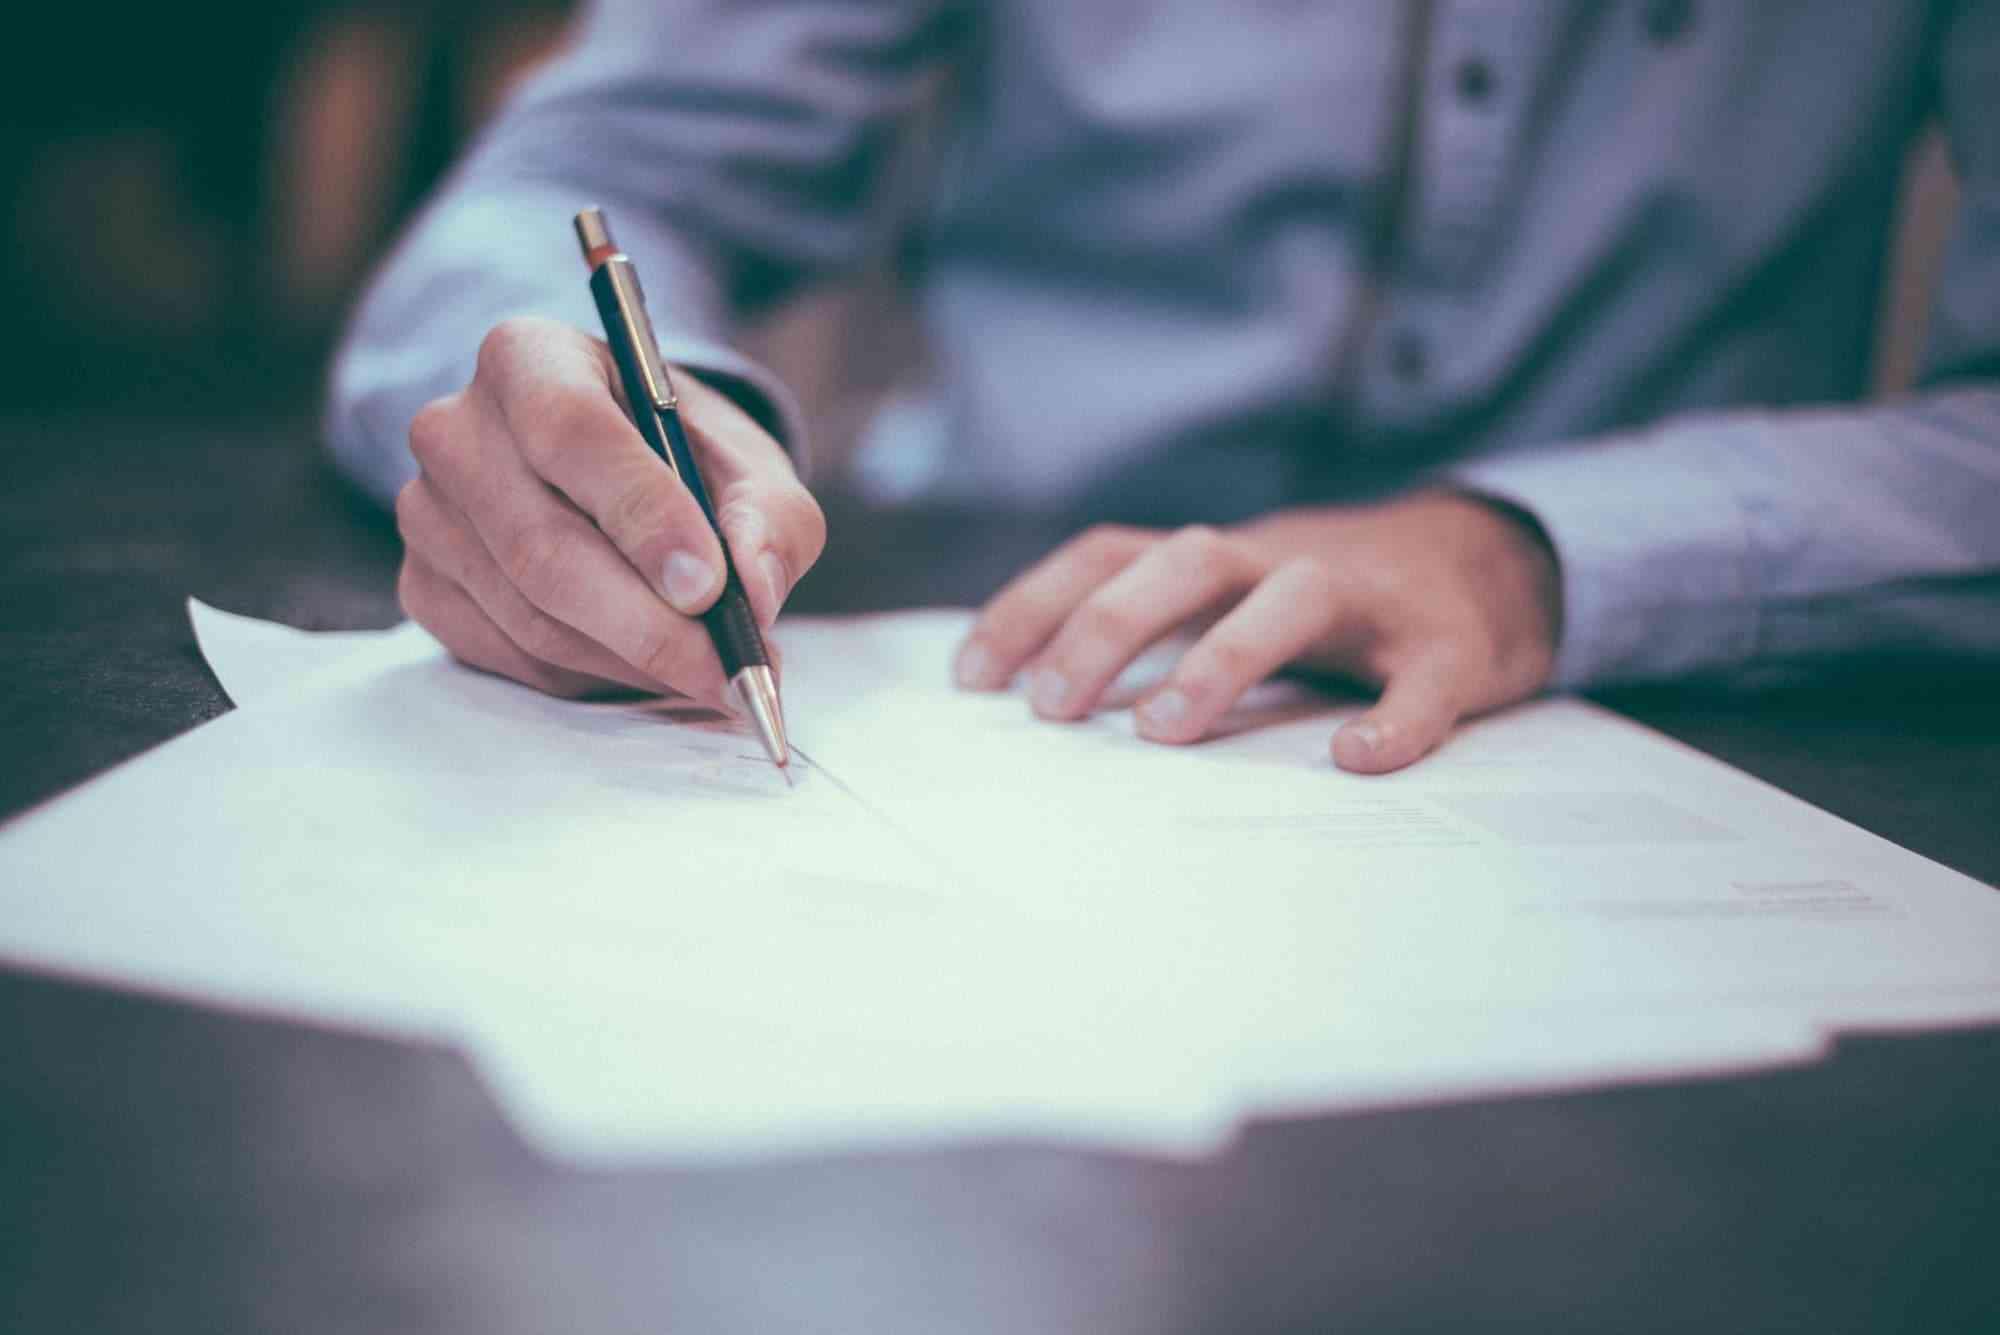 Requisitos Mínimos para conseguir un Crédito Hipotecario